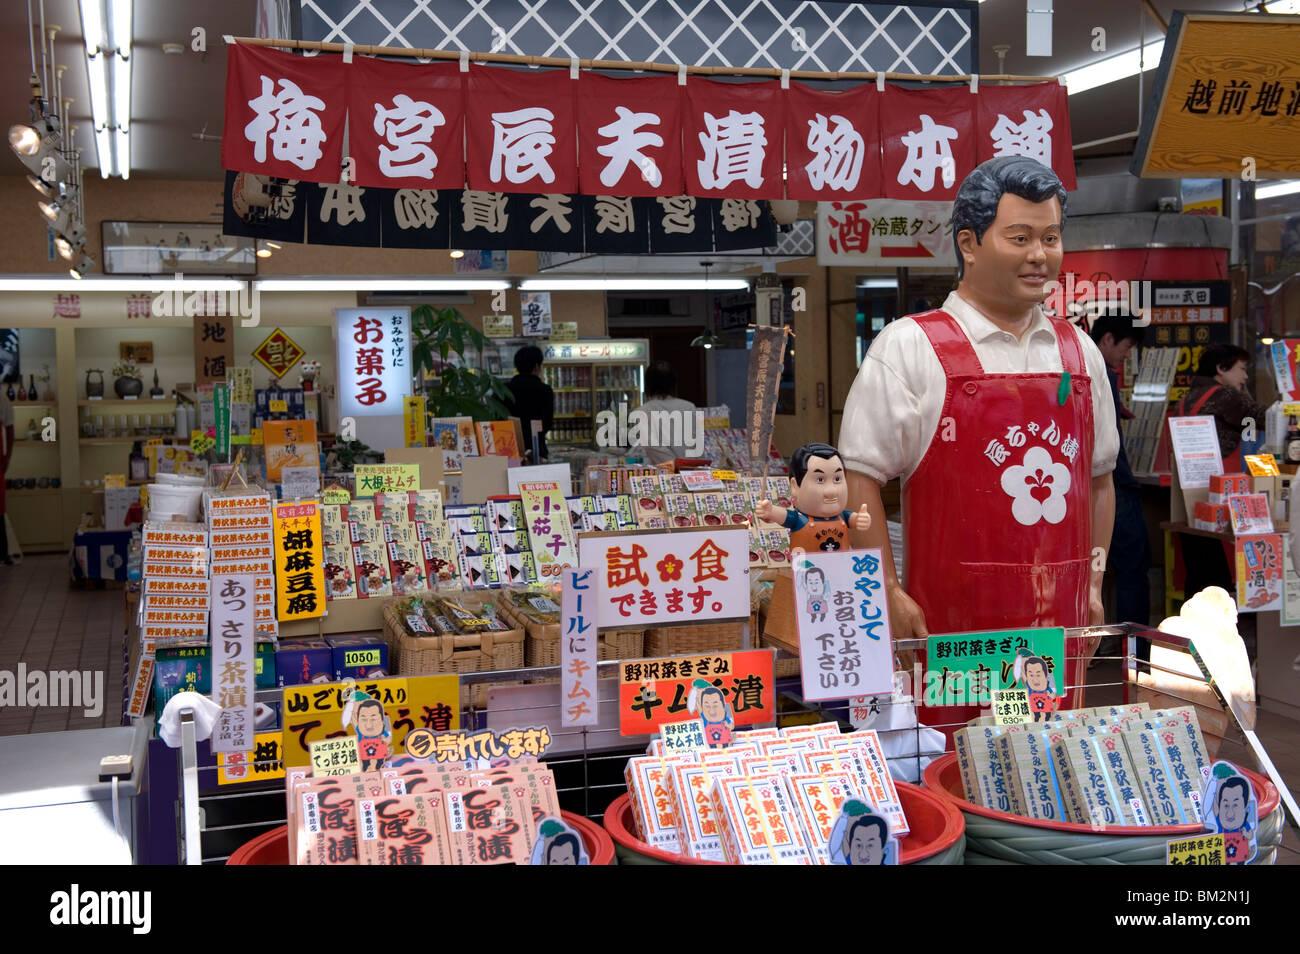 Mannequin berühmten japanischen TV-Persönlichkeit verkauft seine Lebensmittel genannt Tat-Chan Zuke im Stockbild